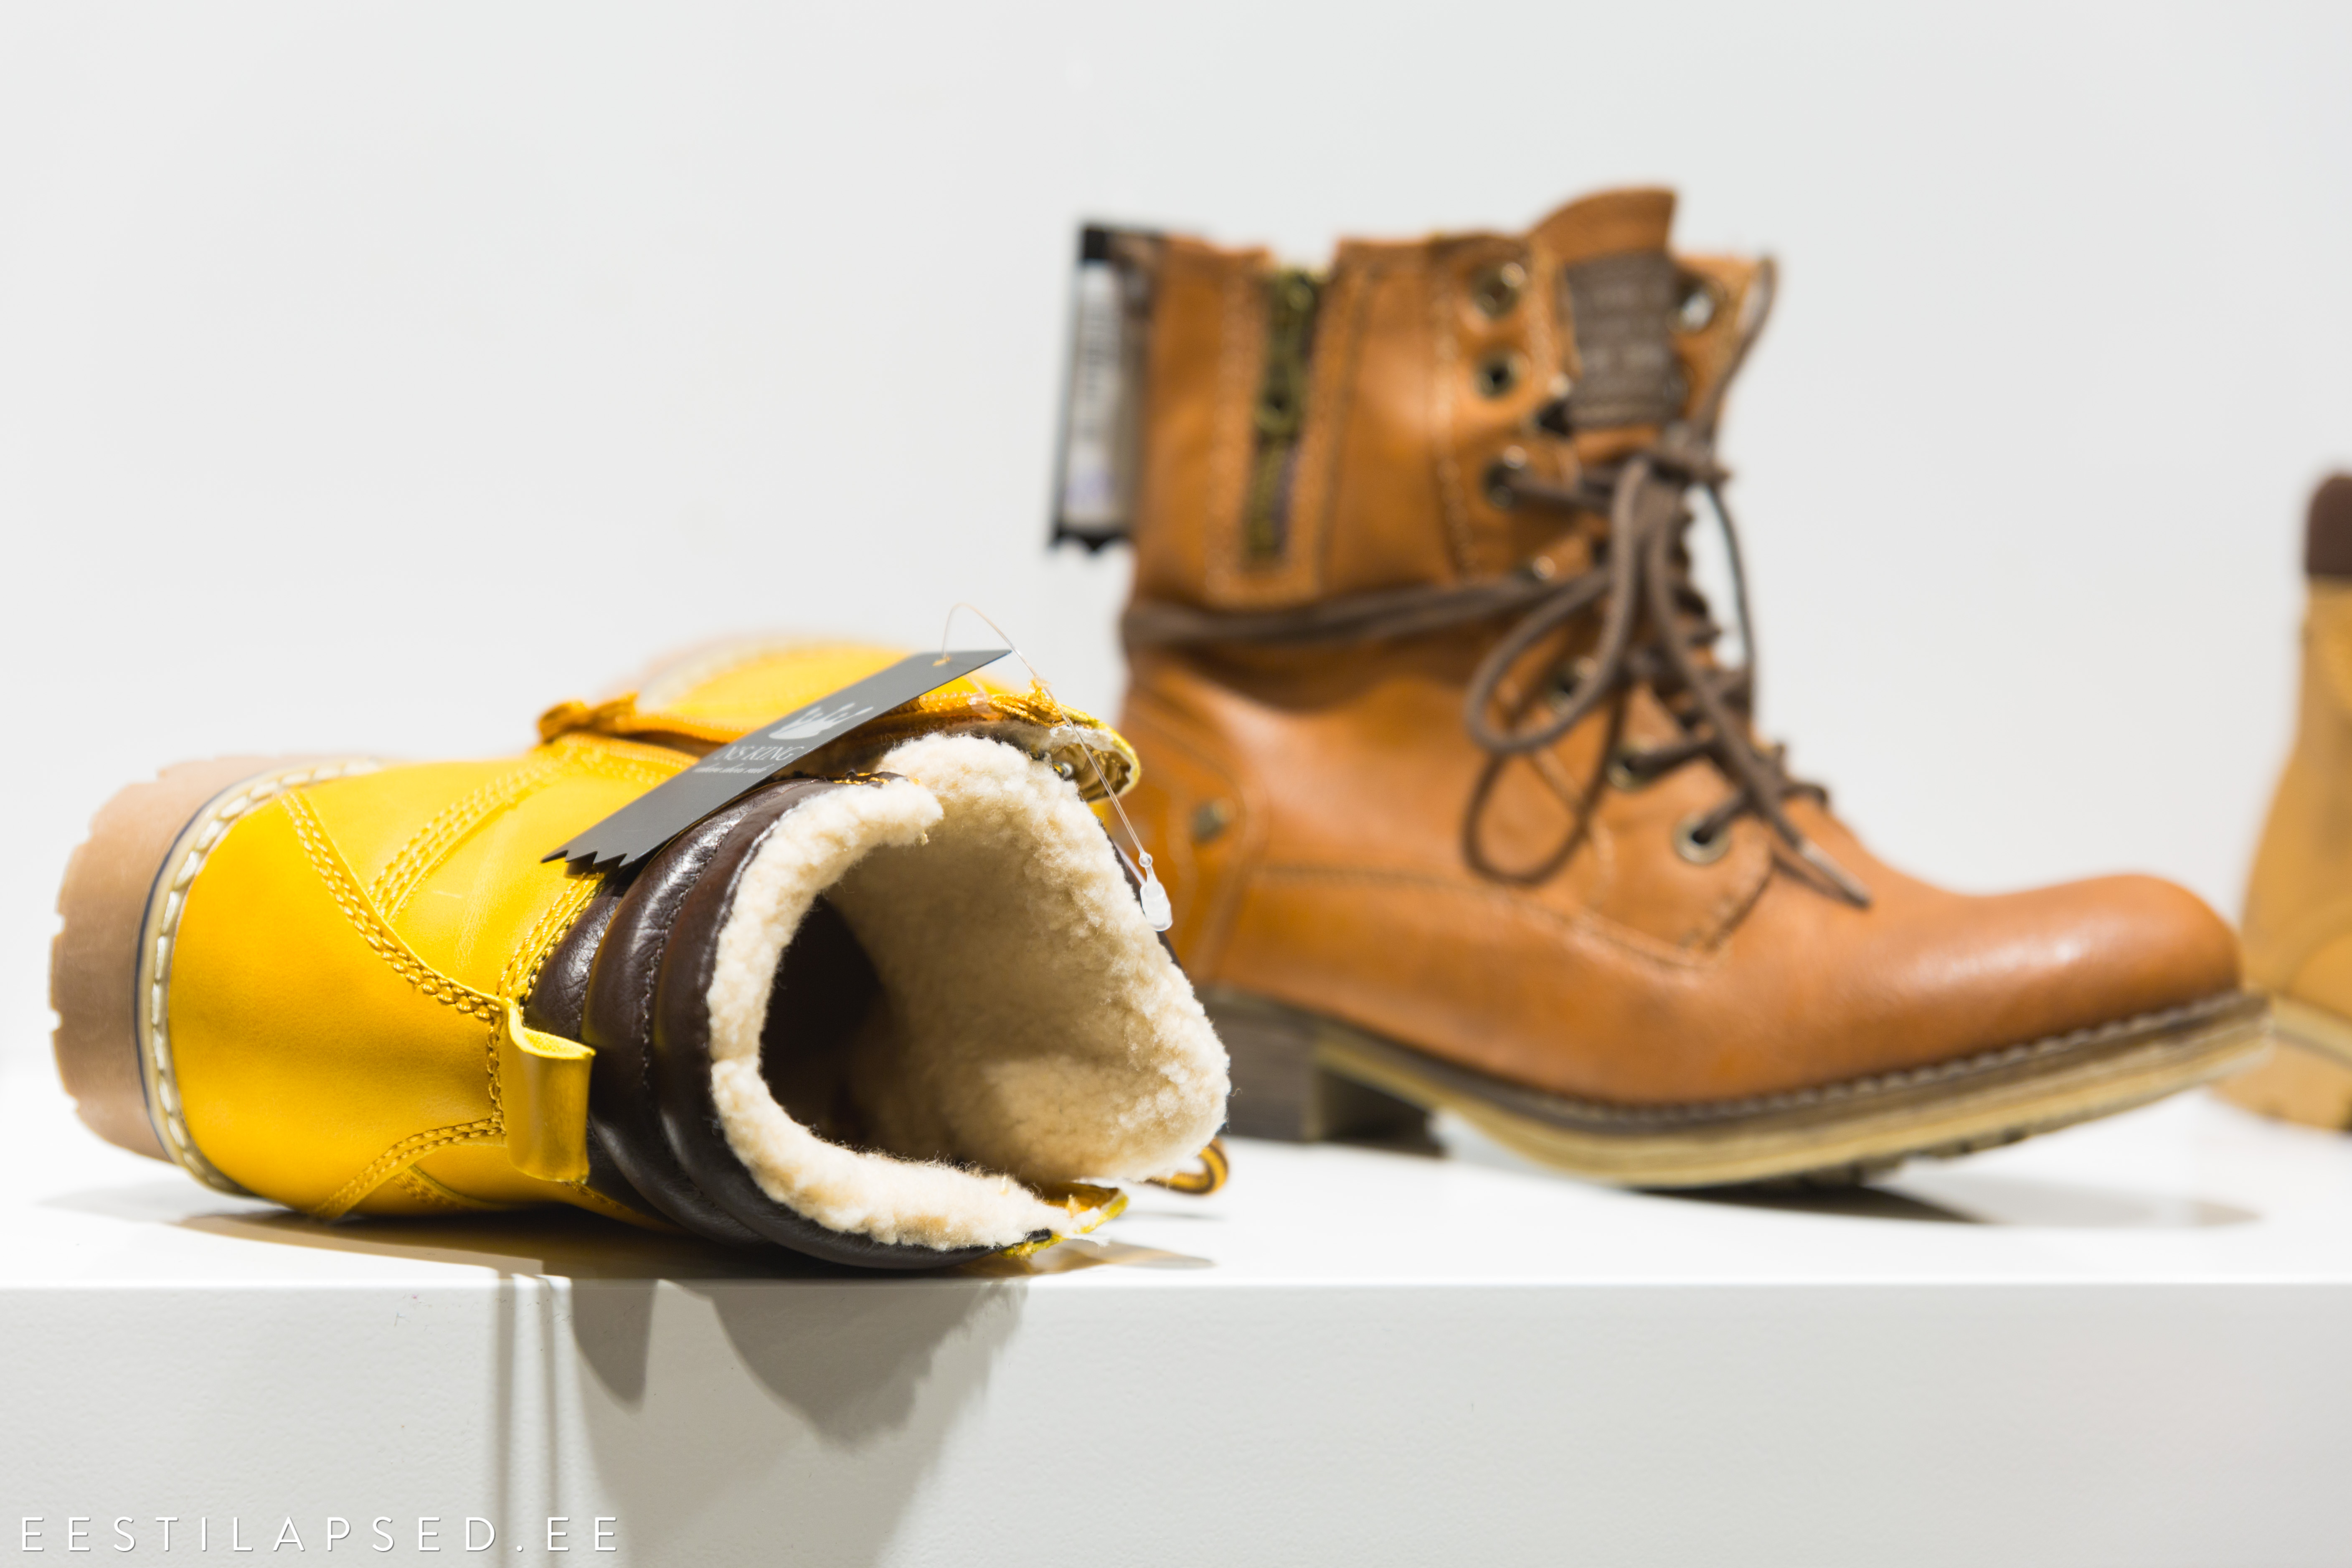 bdbd356bbbc Lisaks on hea valida lapsele tugevama kannaga jalanõusid, sest need hoiavad  jalga õiges asendis, ei põruta kanda ning on libedamal teel mugavamad.